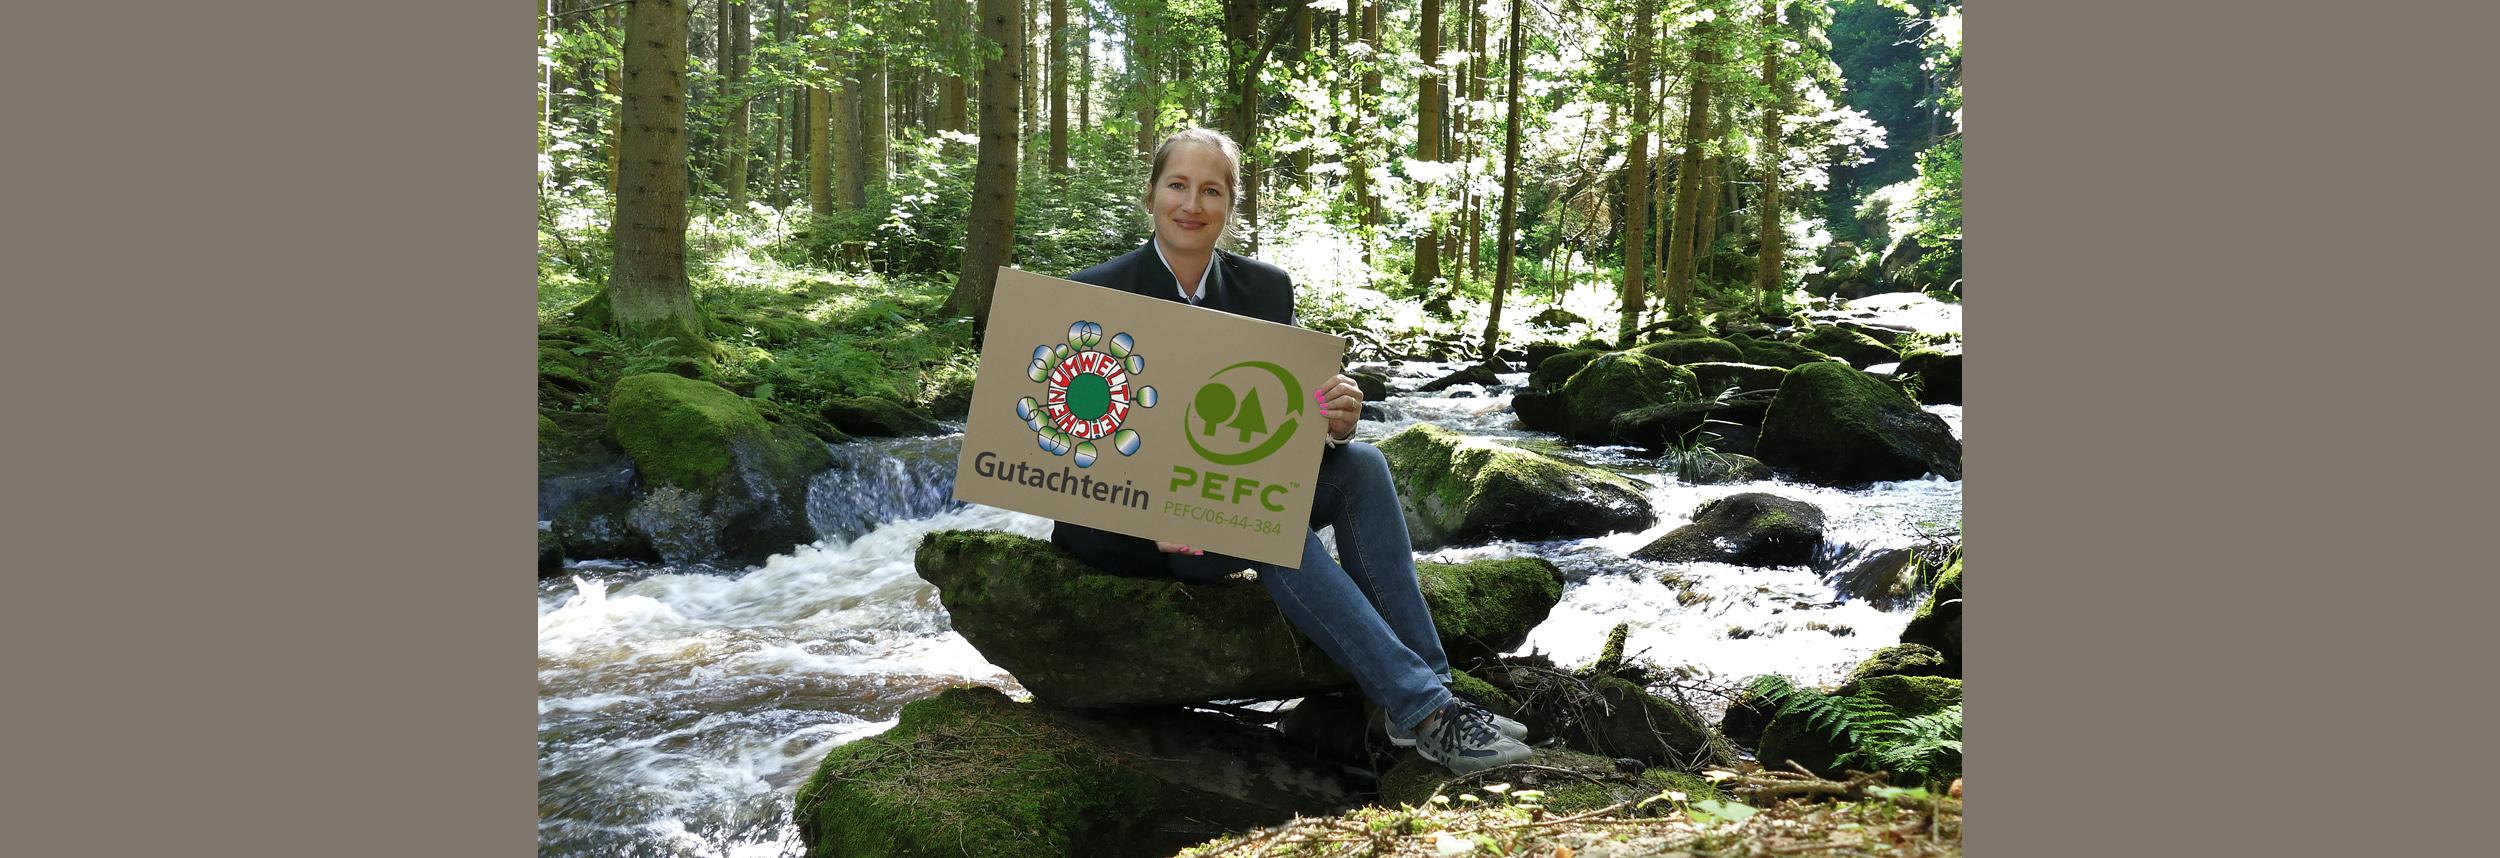 Ing. Katja Erhart-Viertlmayr, Gutachterin für das Umweltzeichen